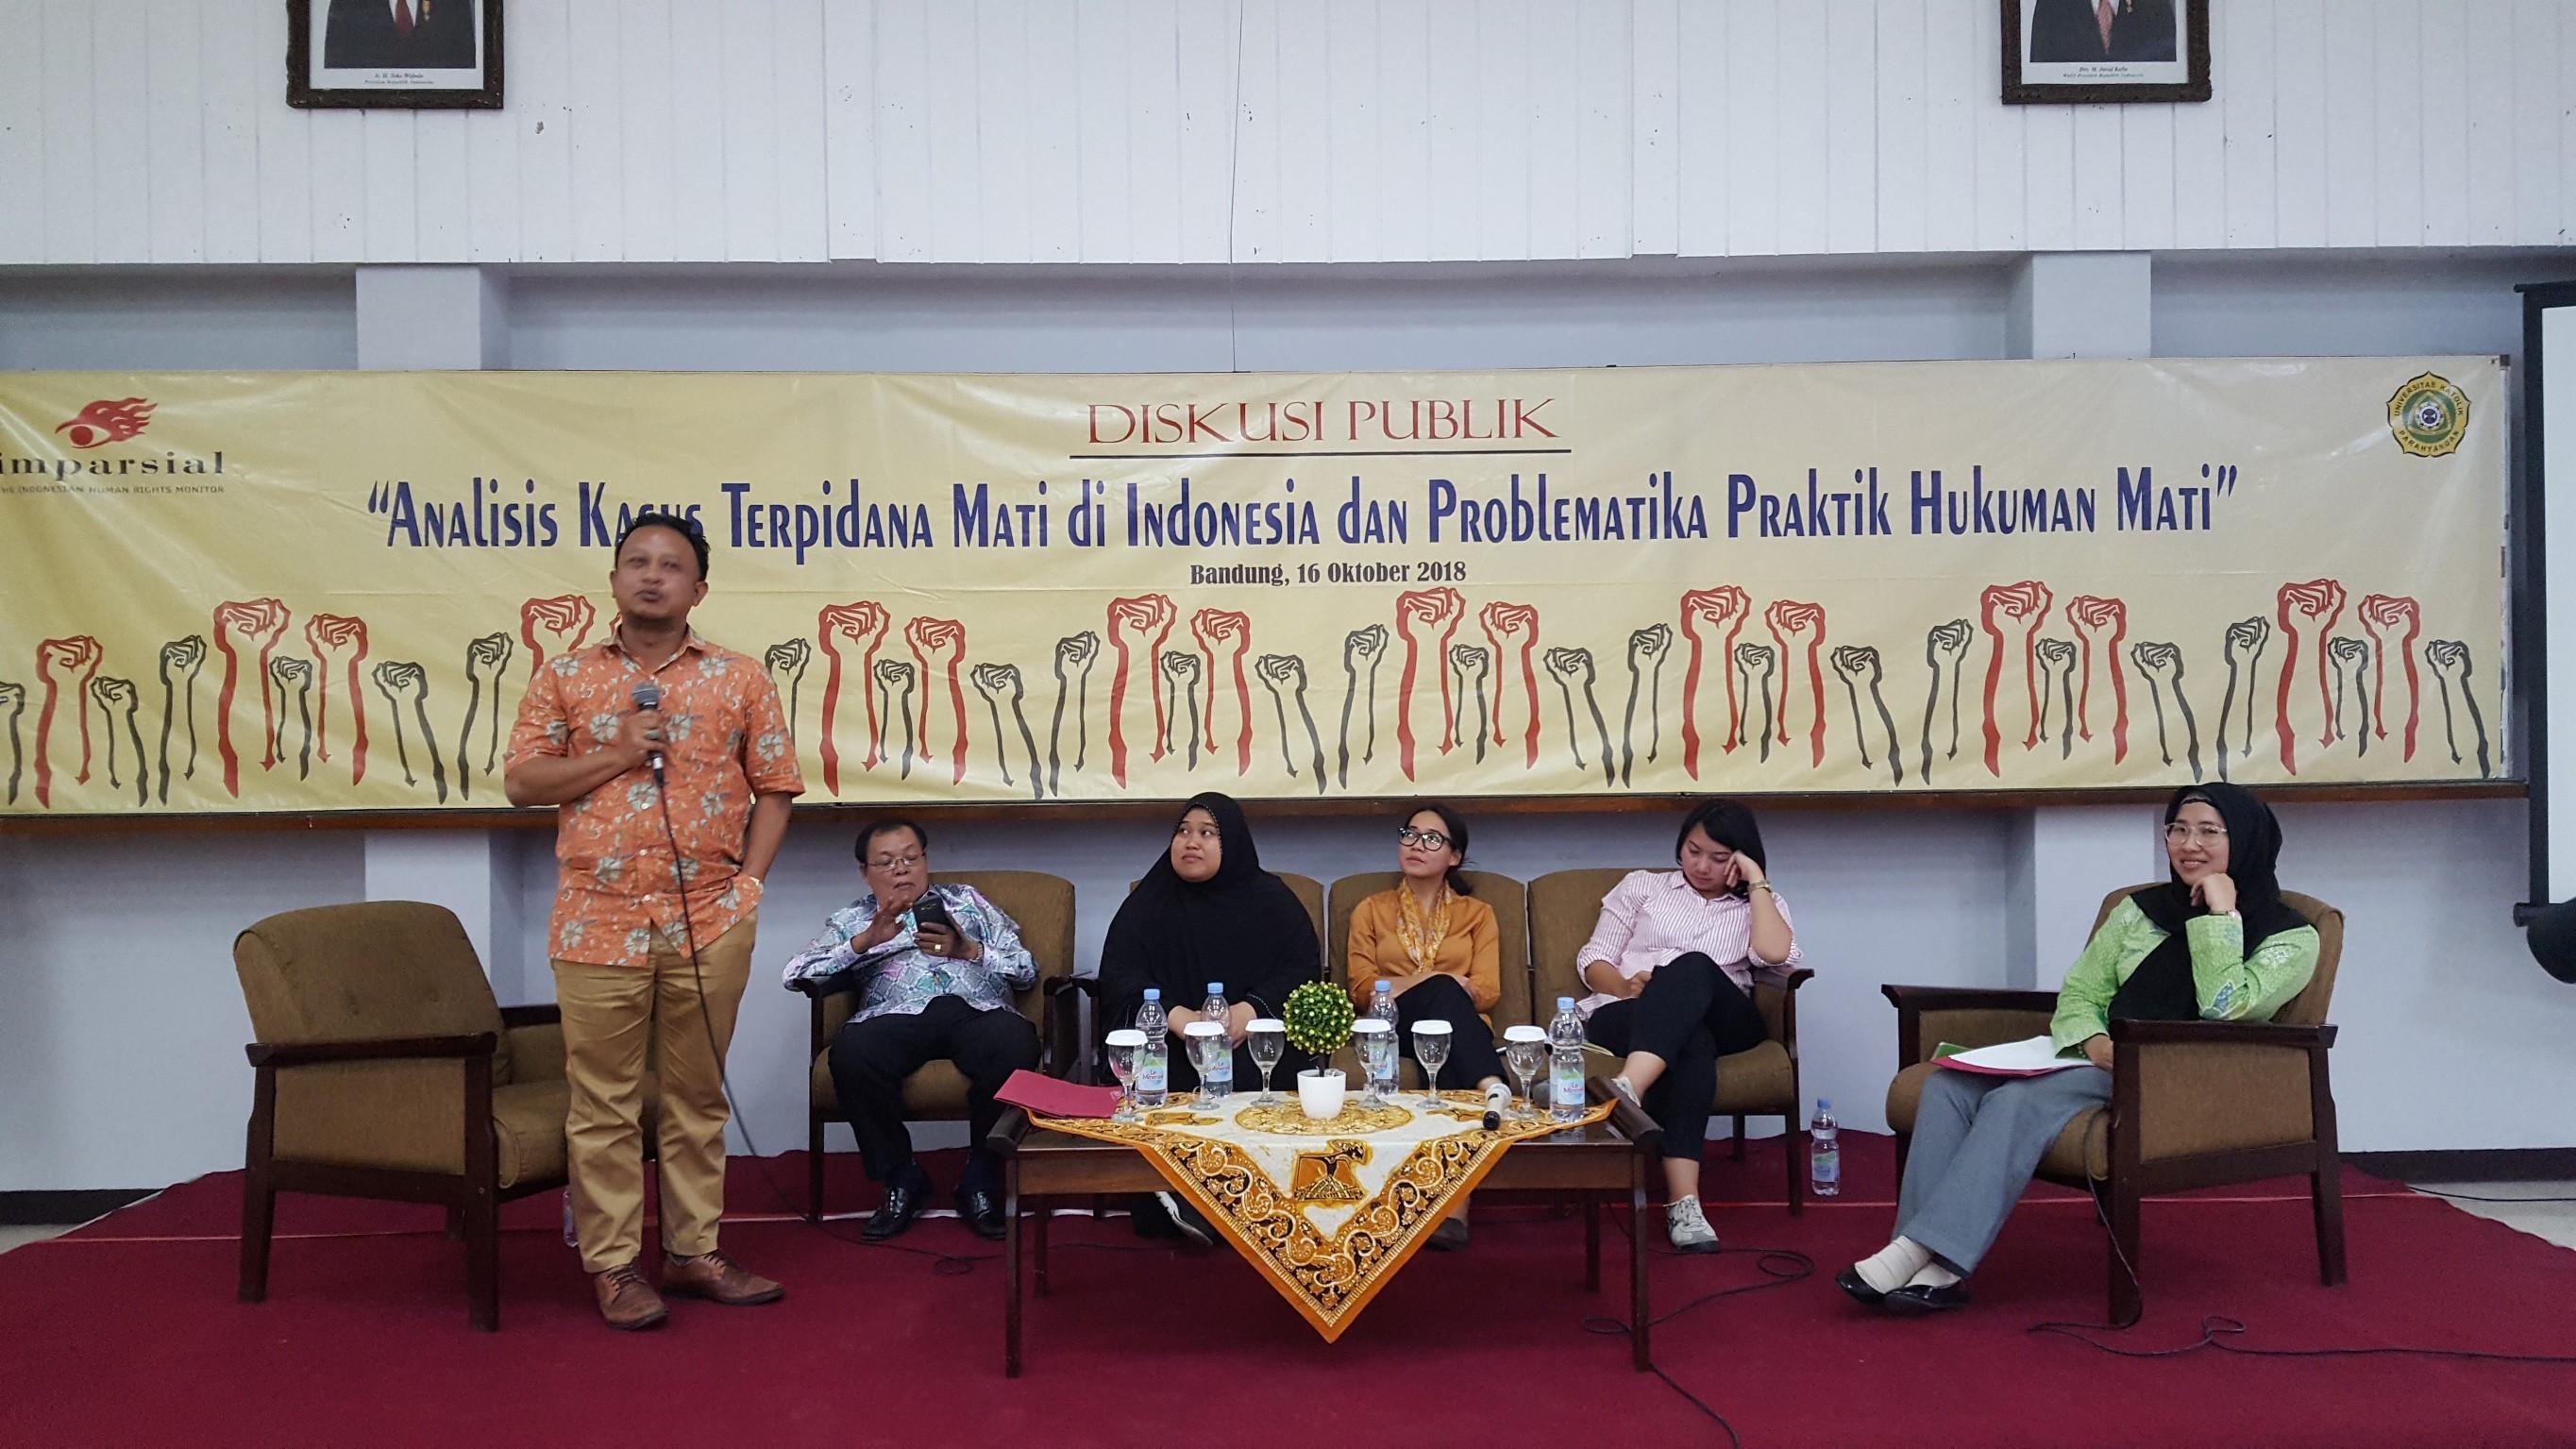 """Diskusi Publik """"Analisis Kasus Terpidana Mati di Indonesia dan Problematika Praktik Hukuman Mati"""" (Kerjasama IMPARSIAL dengan Fakultas Hukum UNPAR)"""